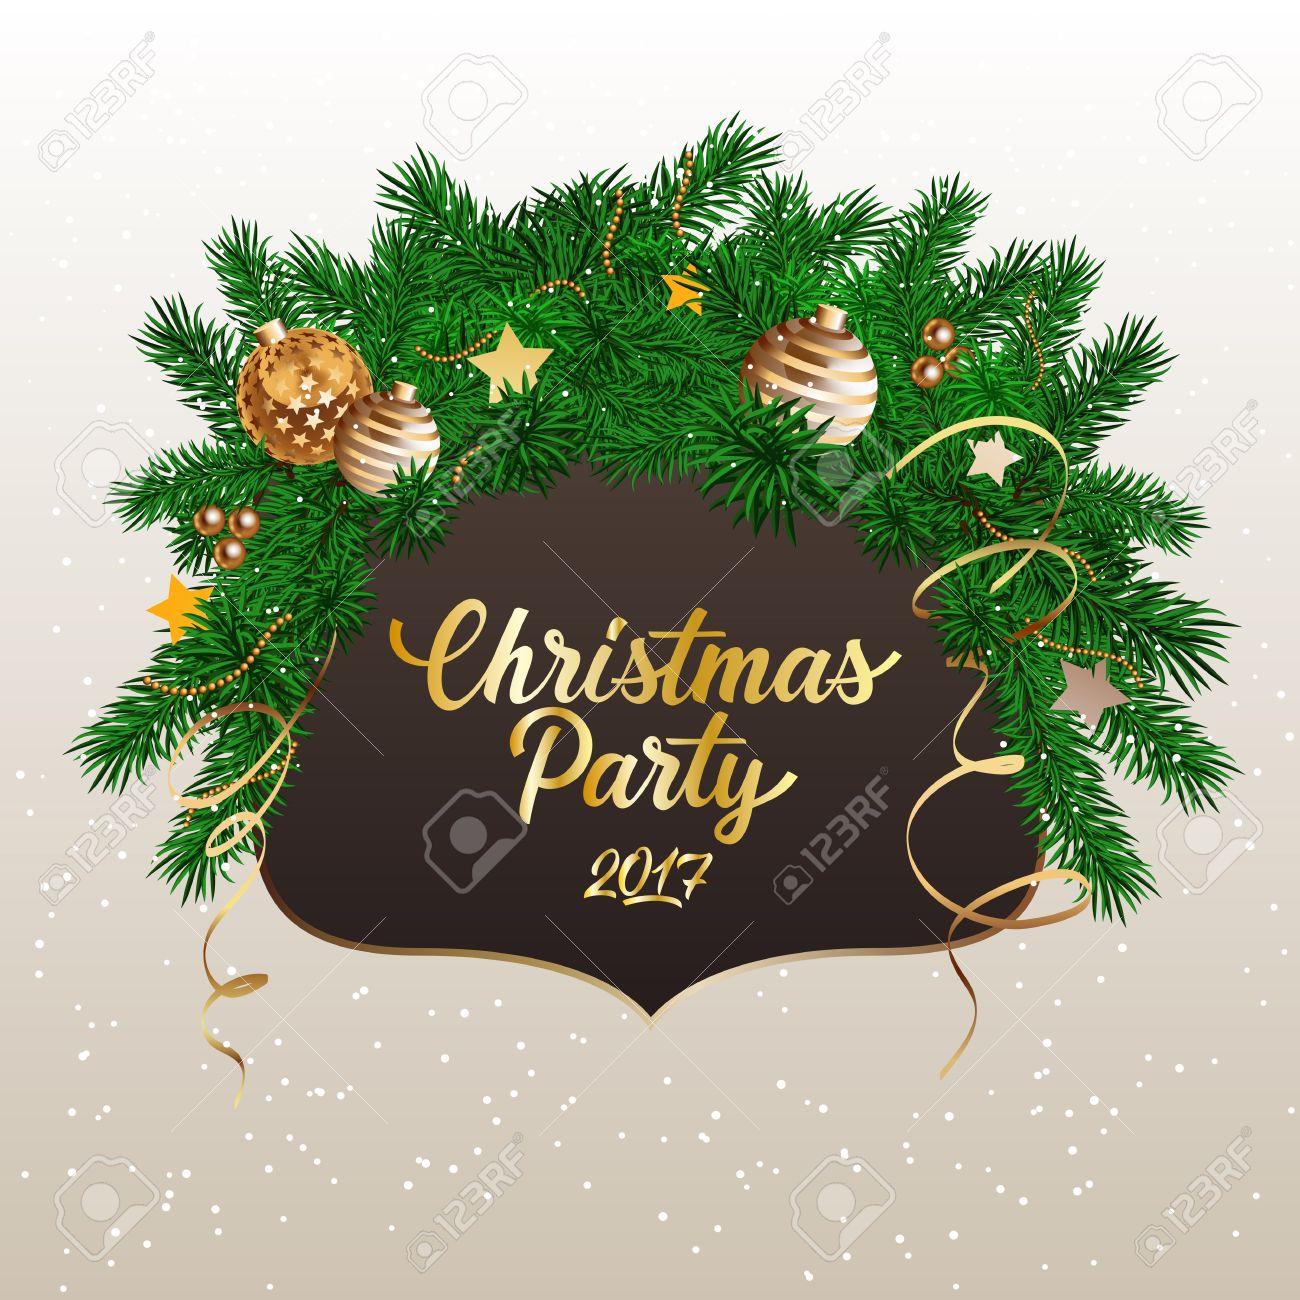 Fiesta De Navidad 2017 Letras Invitación De La Navidad Con Ramas De Abeto Decorado Texto Escrito A Mano La Caligrafía Para Carteles Volantes Y